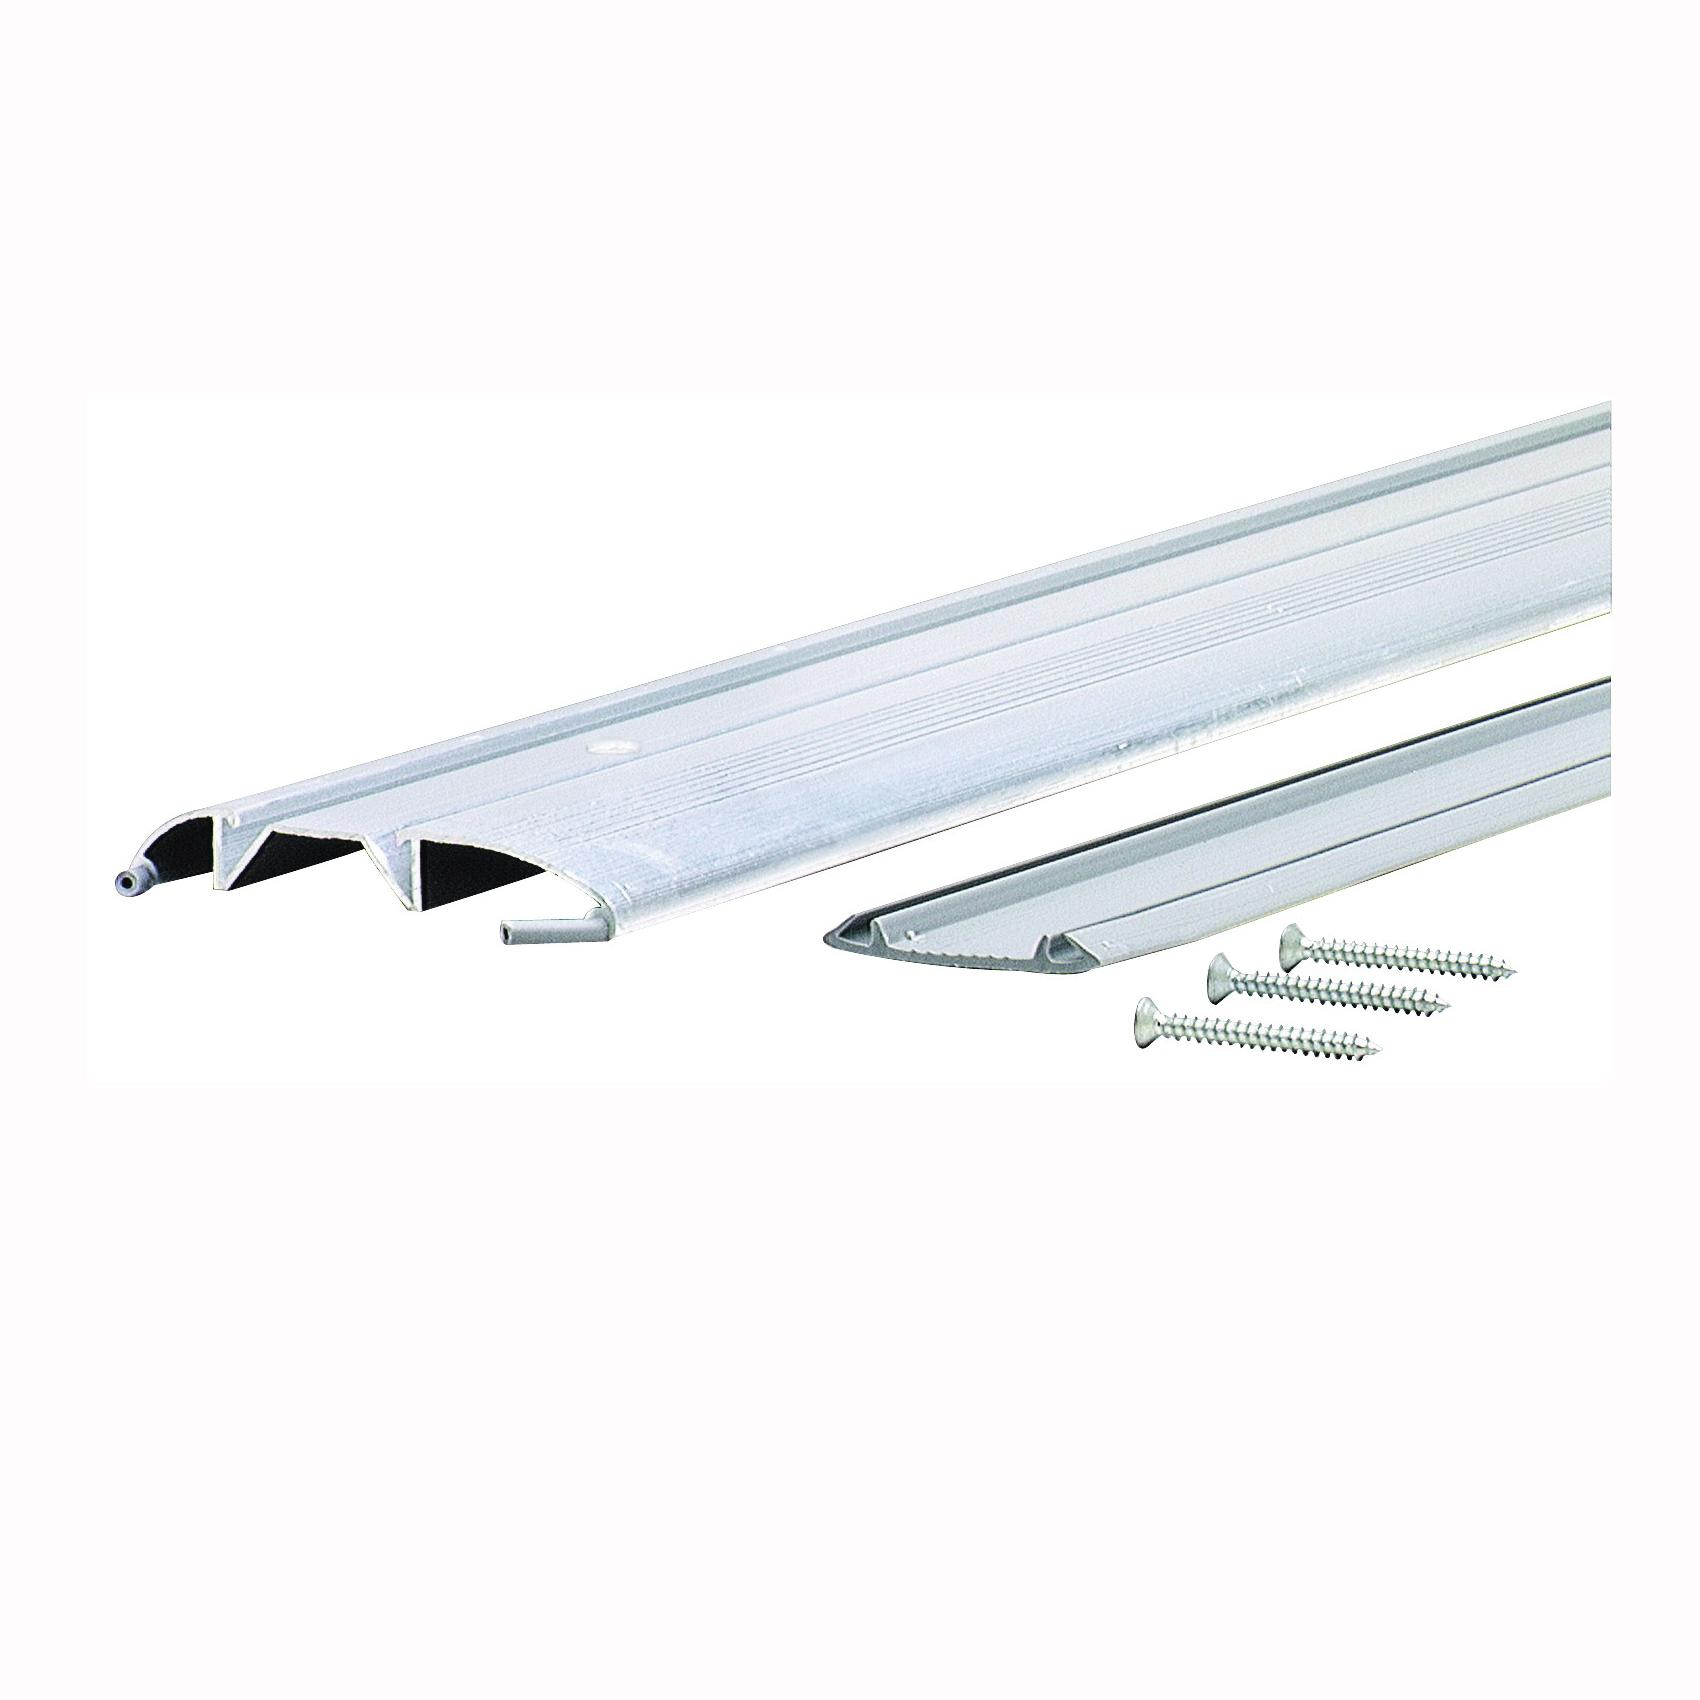 Picture of M-D 08383 Low Threshold, 36 in L, 3-3/8 in W, Aluminum, Aluminum